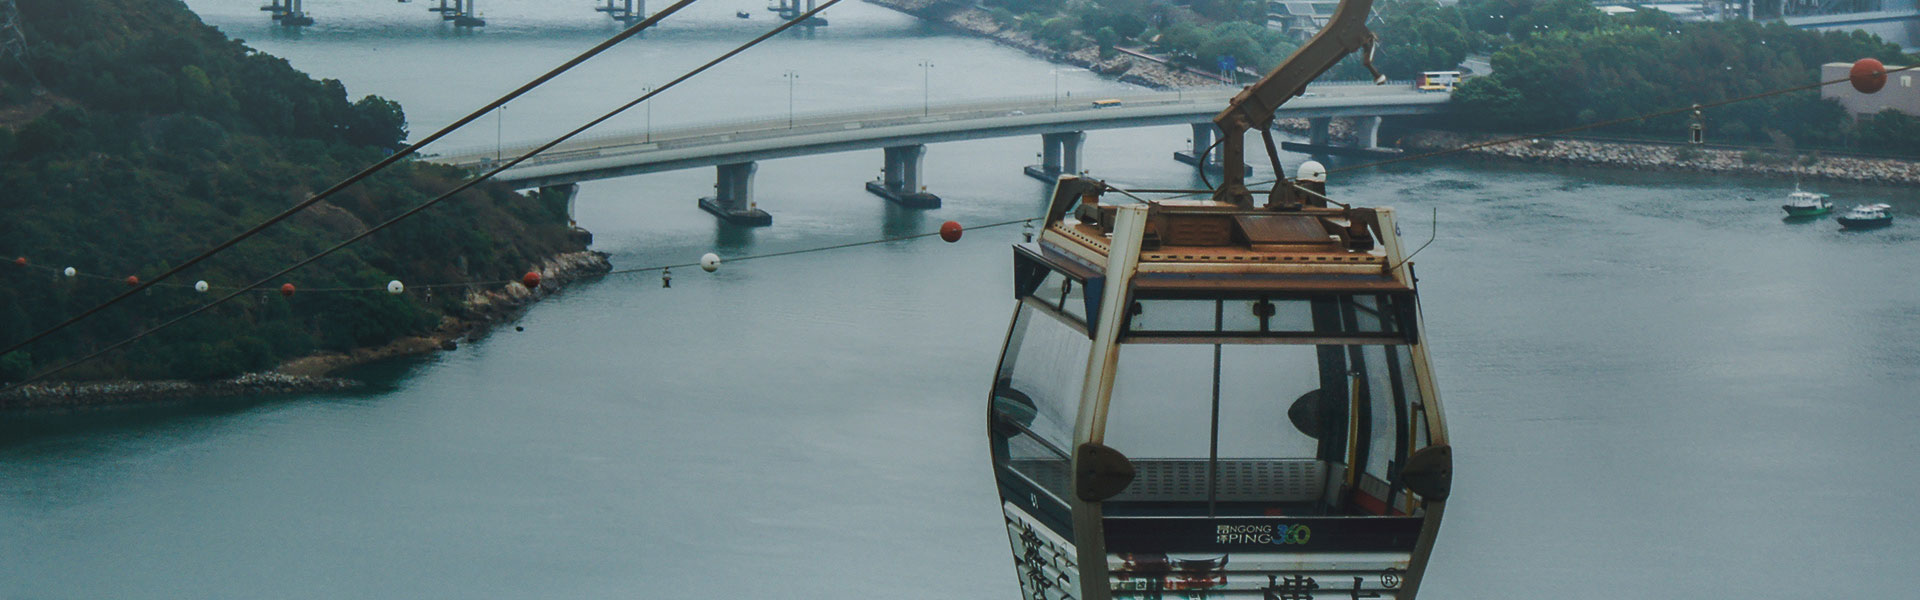 香港朗屏 360 缆车